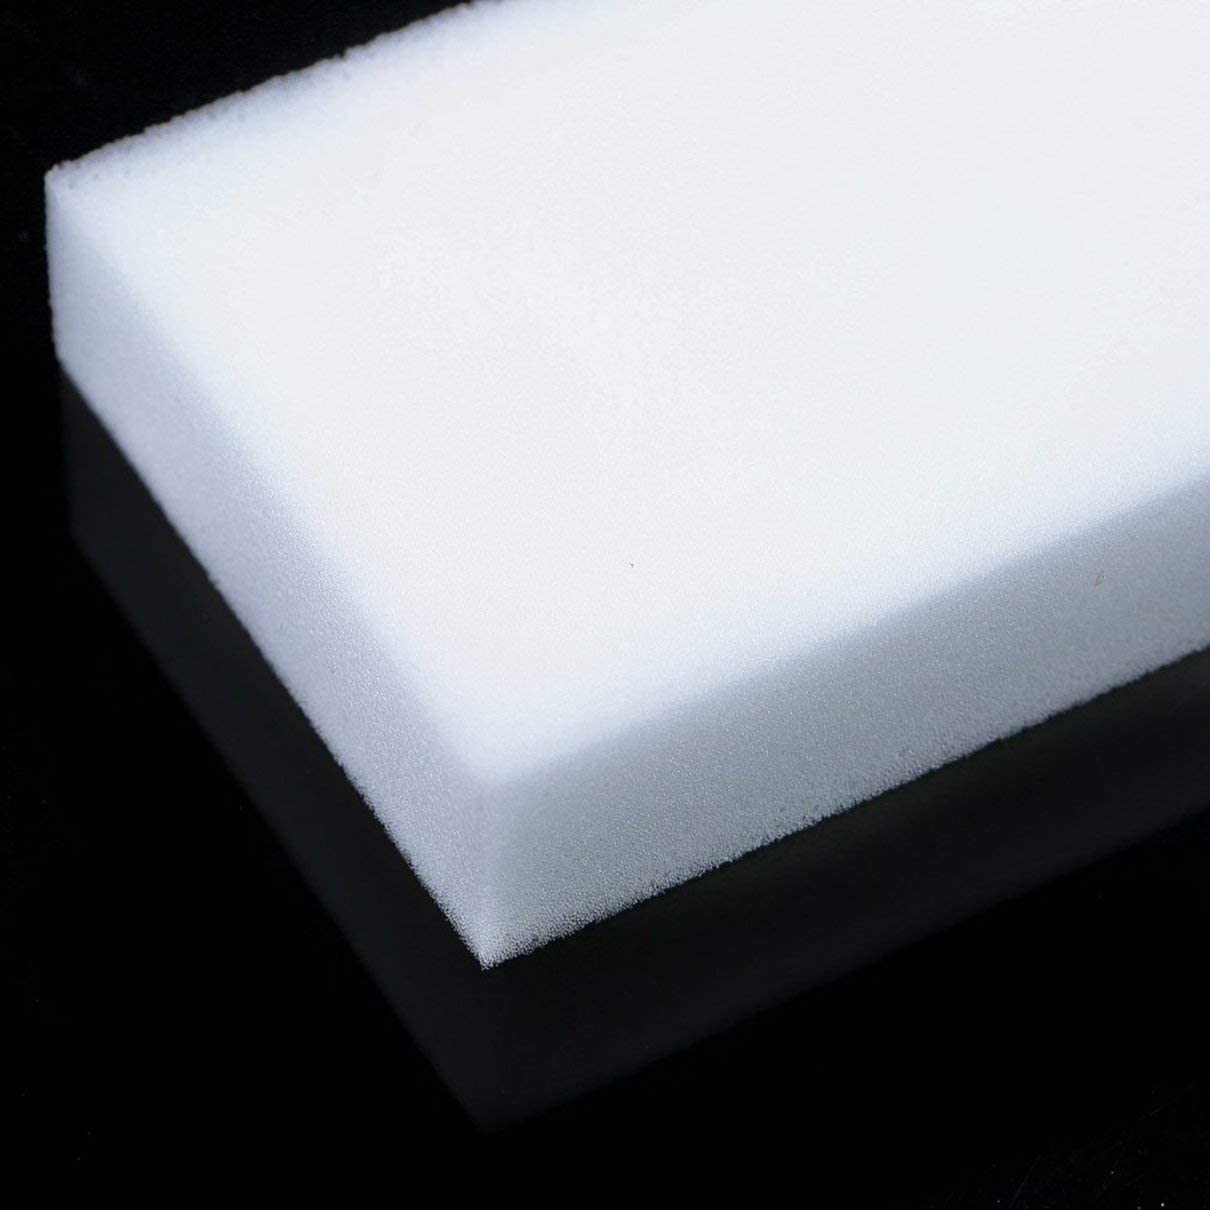 10 pcs Magic Sponge Eraser Clean Nettoyage Nettoyant en mousse multifonctionnel Blanc fghfhfgjdfj